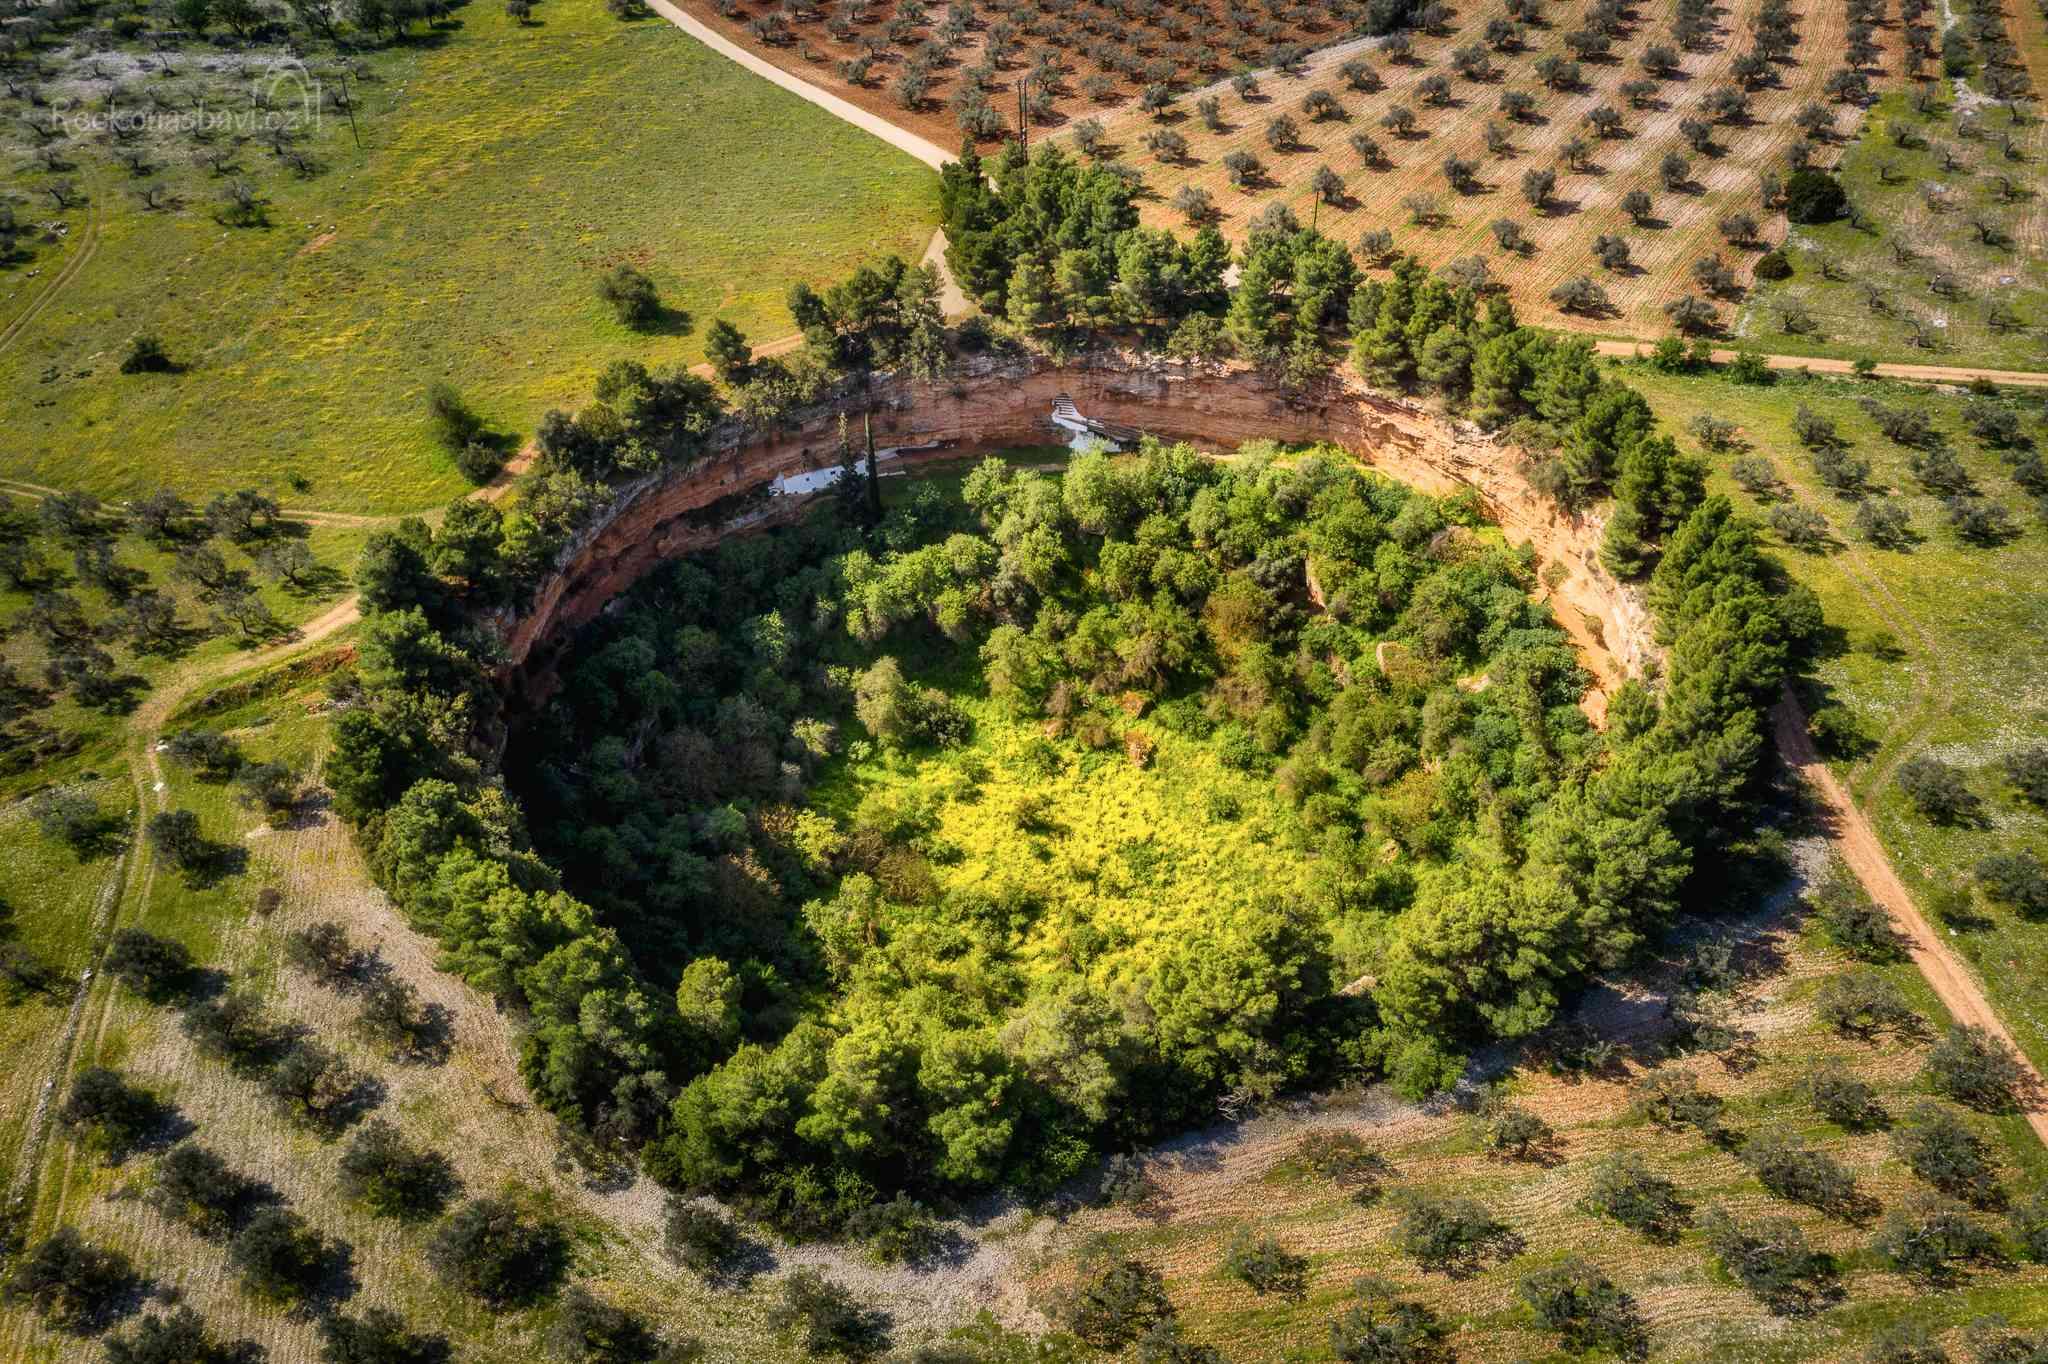 První jeskyně Didyma skrývá nečekané překvapení - malý byzantský kostel Agios Georgios postavený pod stěnou kráteru.